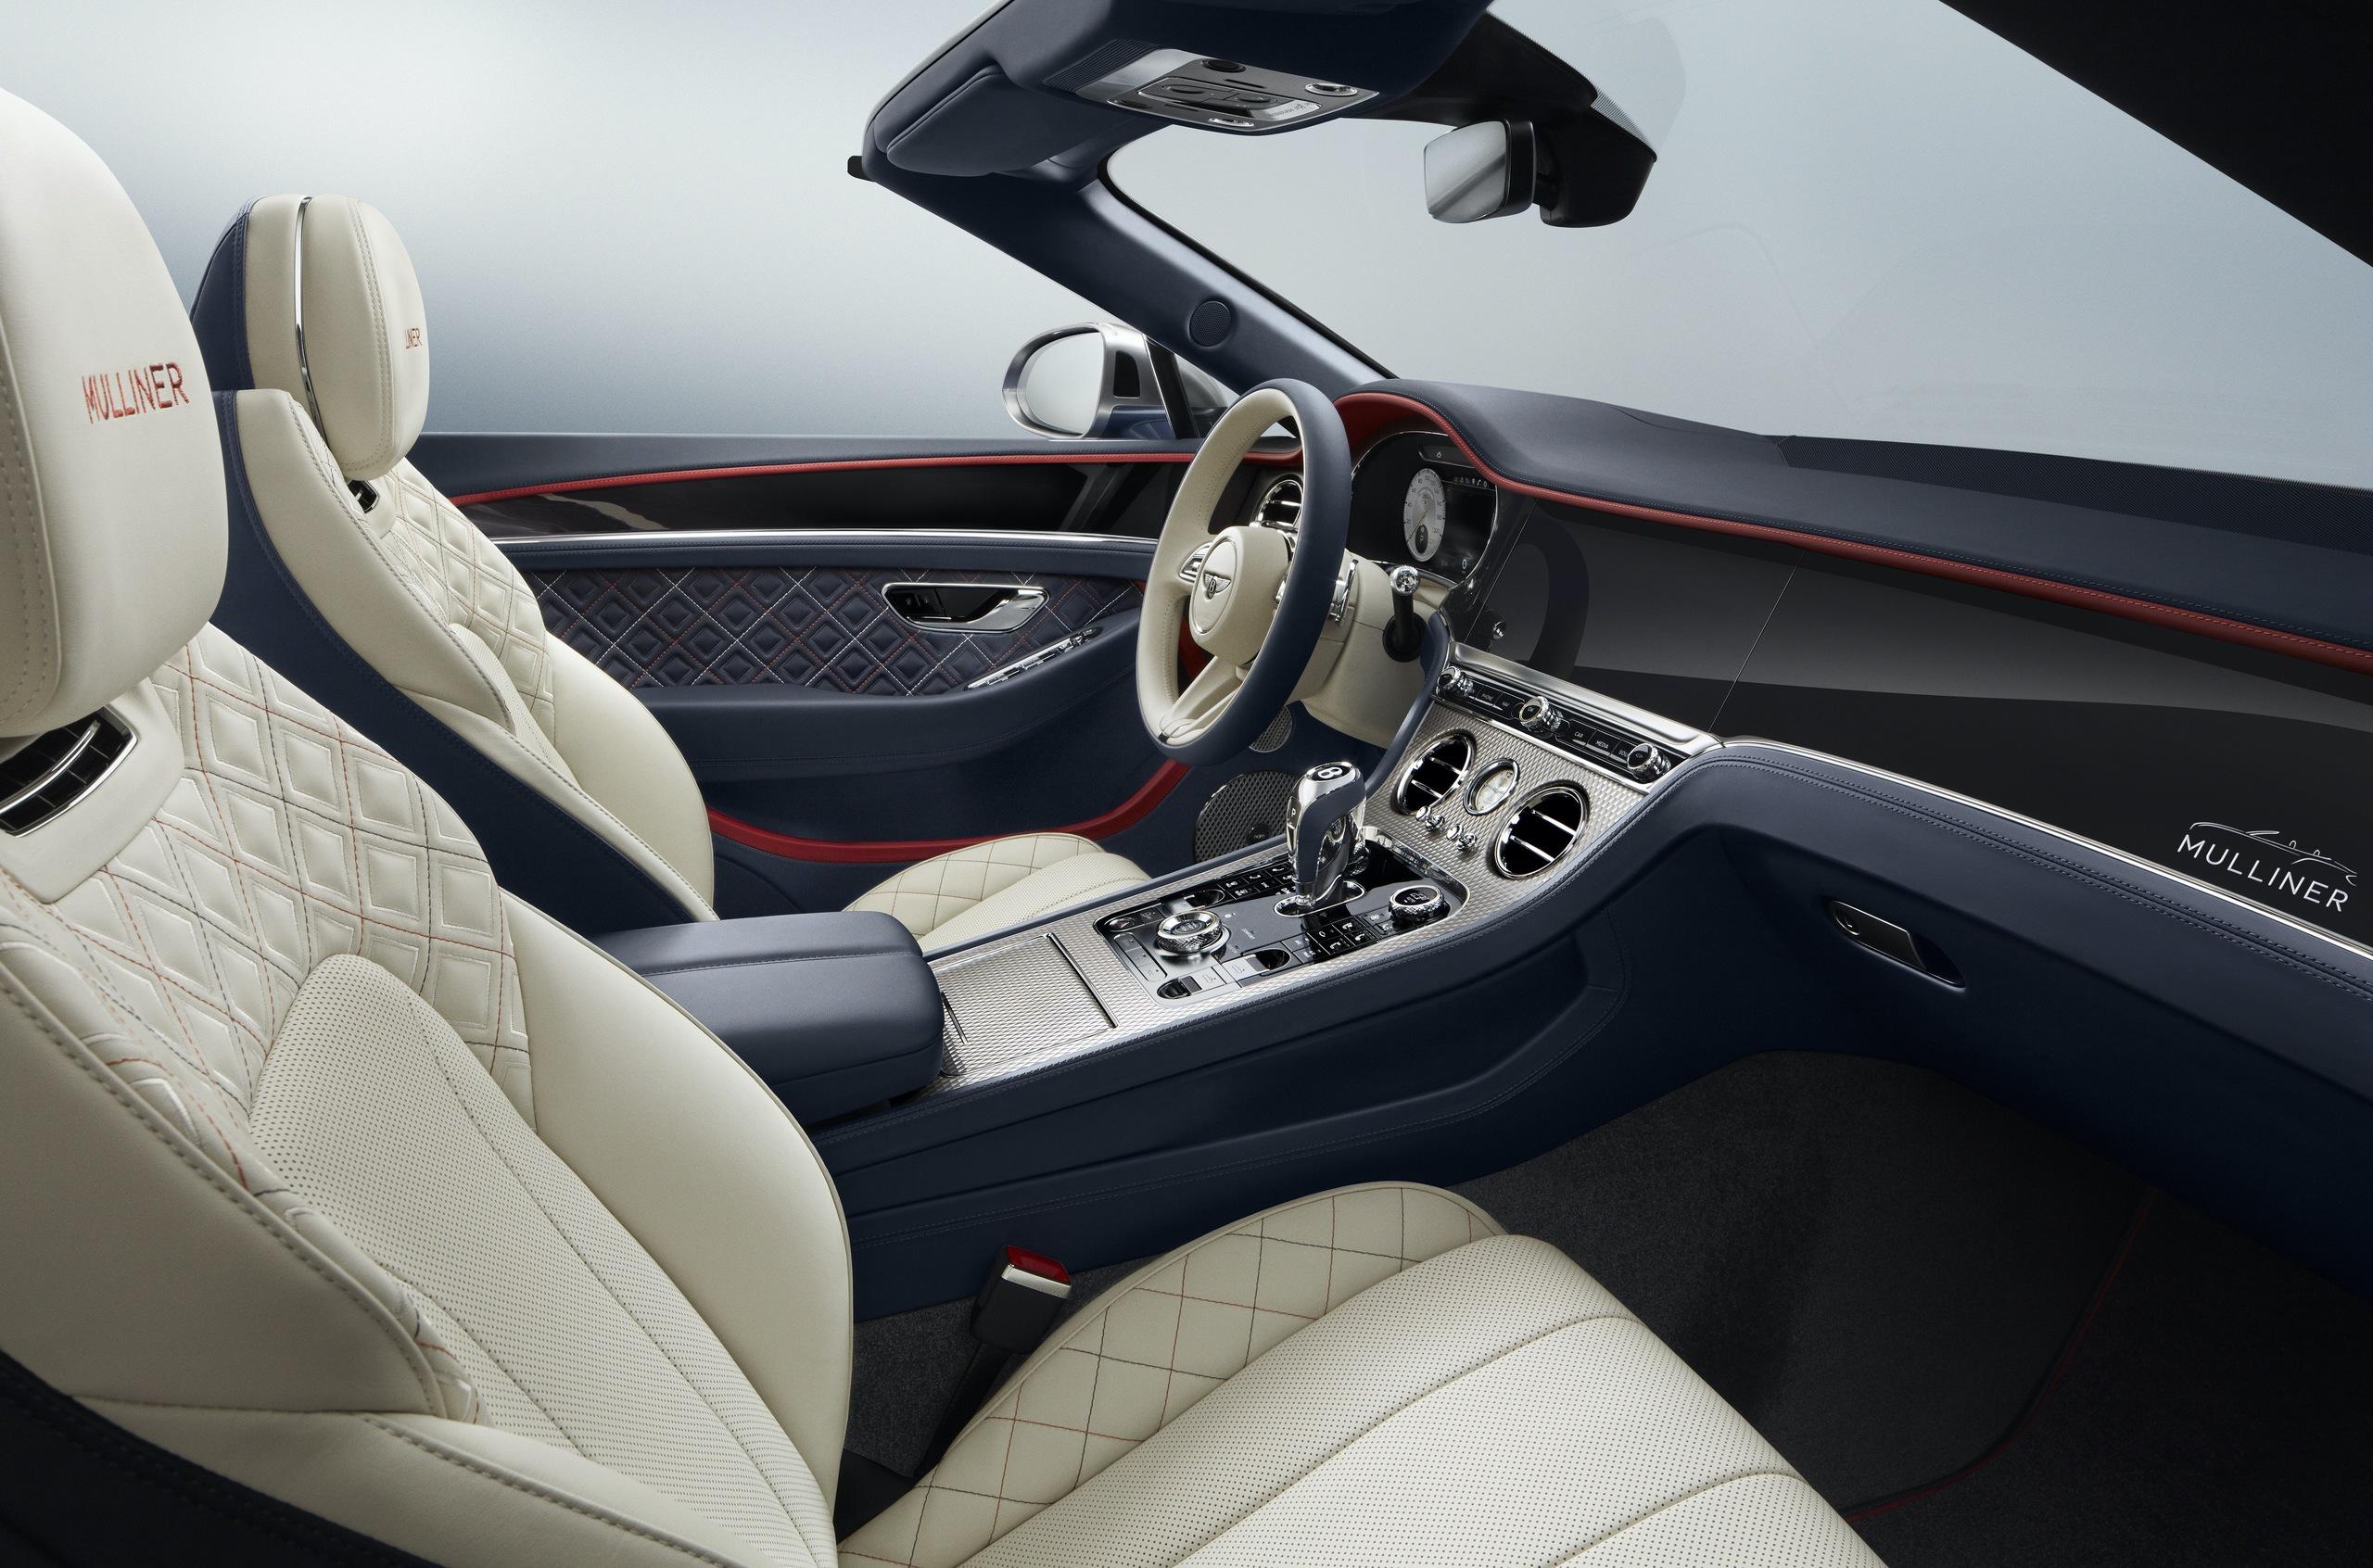 Команда тюнинг-ателье Bentley Mulliner презентовала спецверсию Continental GT Convertible, предназначенную для «искушенных клиентов». Вживую модель можно увидеть на автосалоне в Женеве.